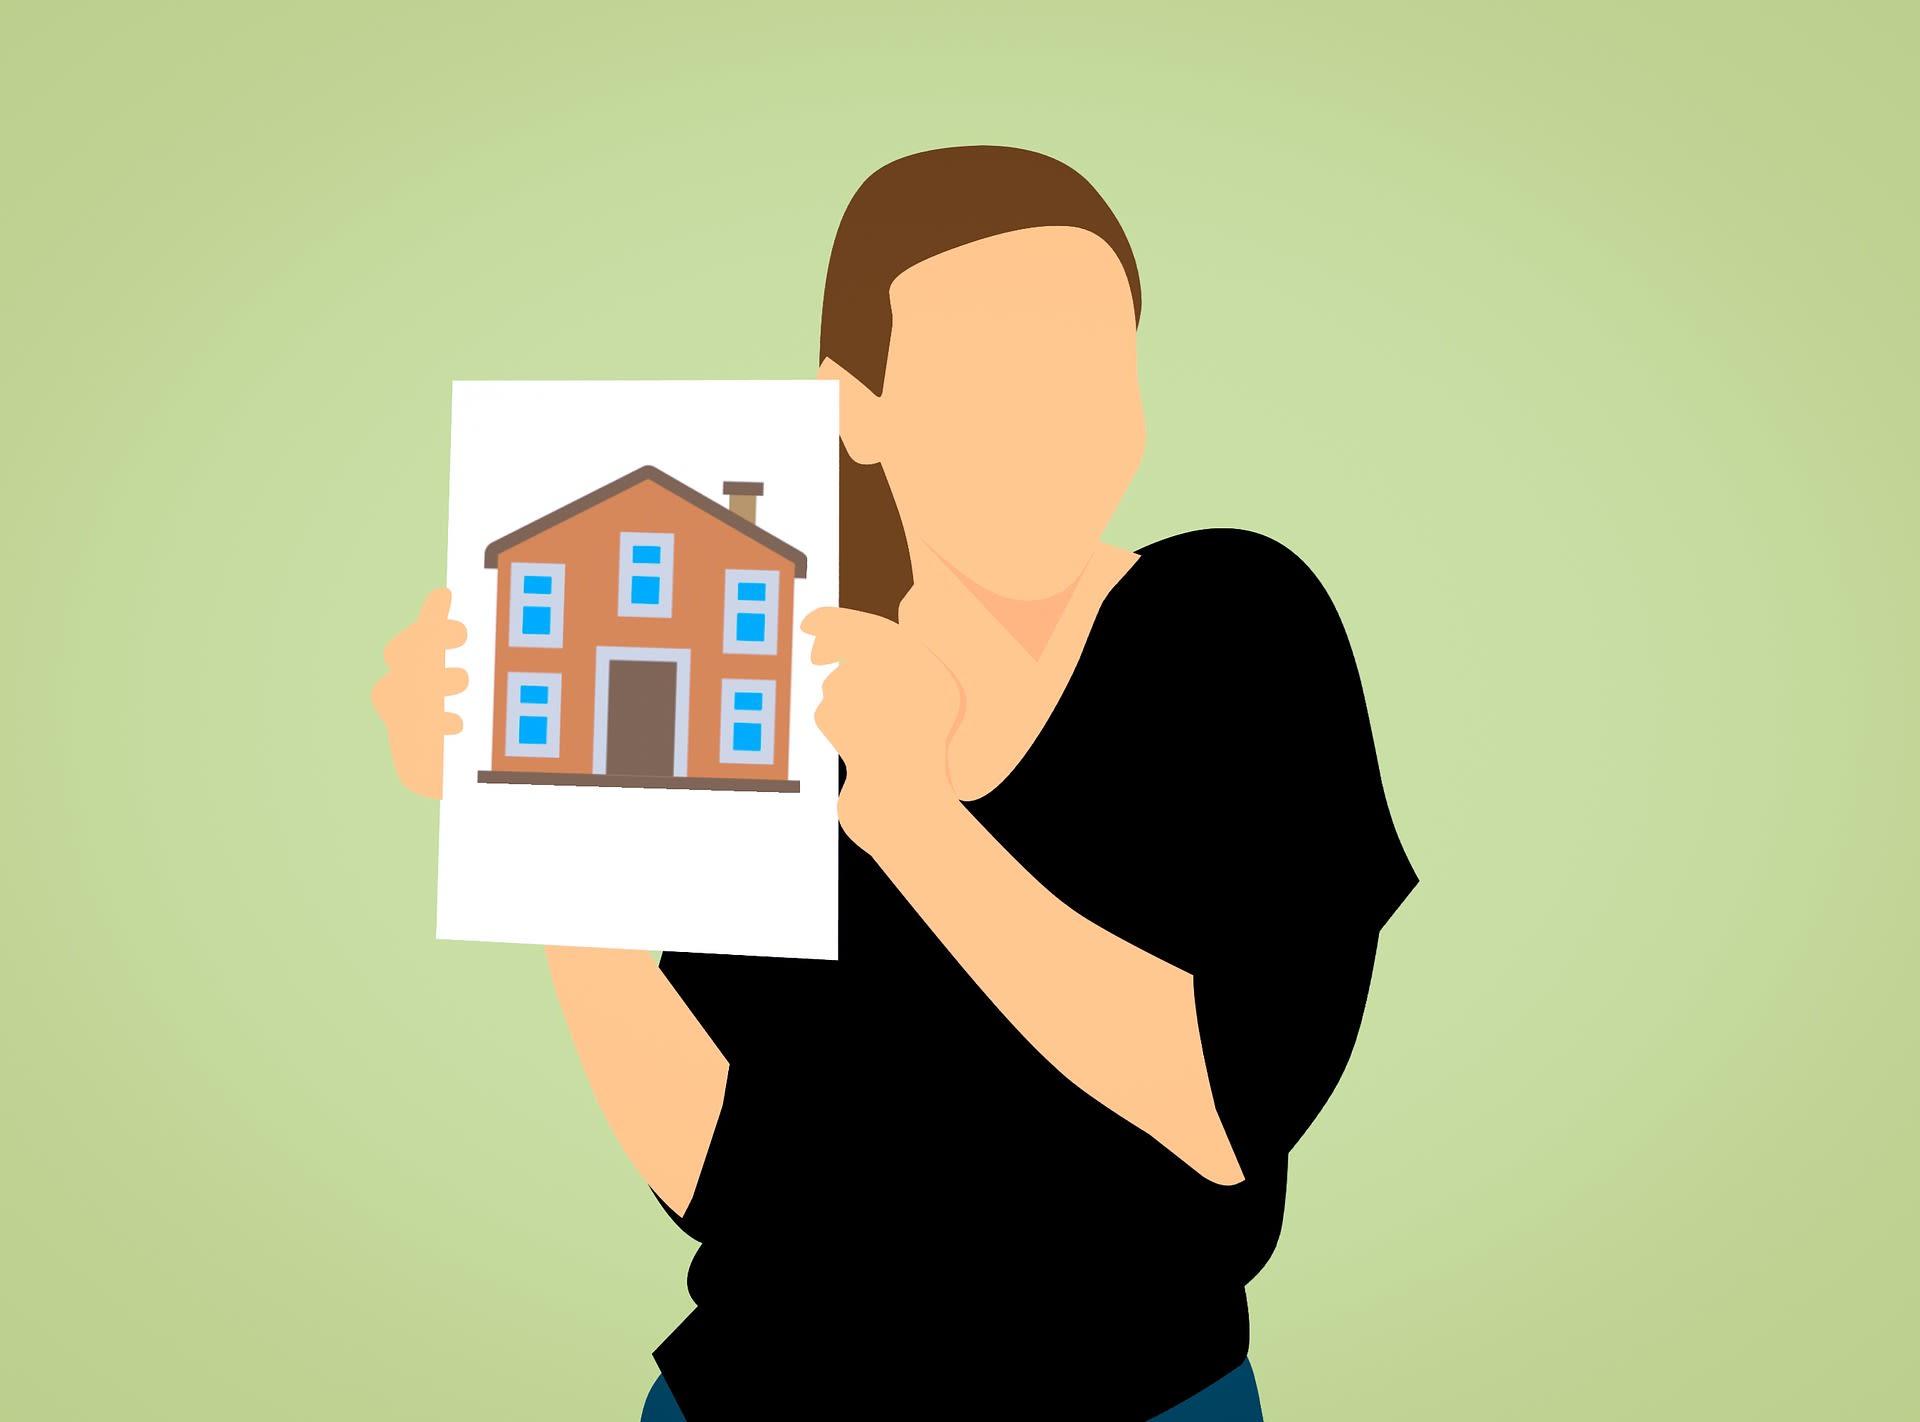 Peut-on faire un achat immobilier sans CDI?